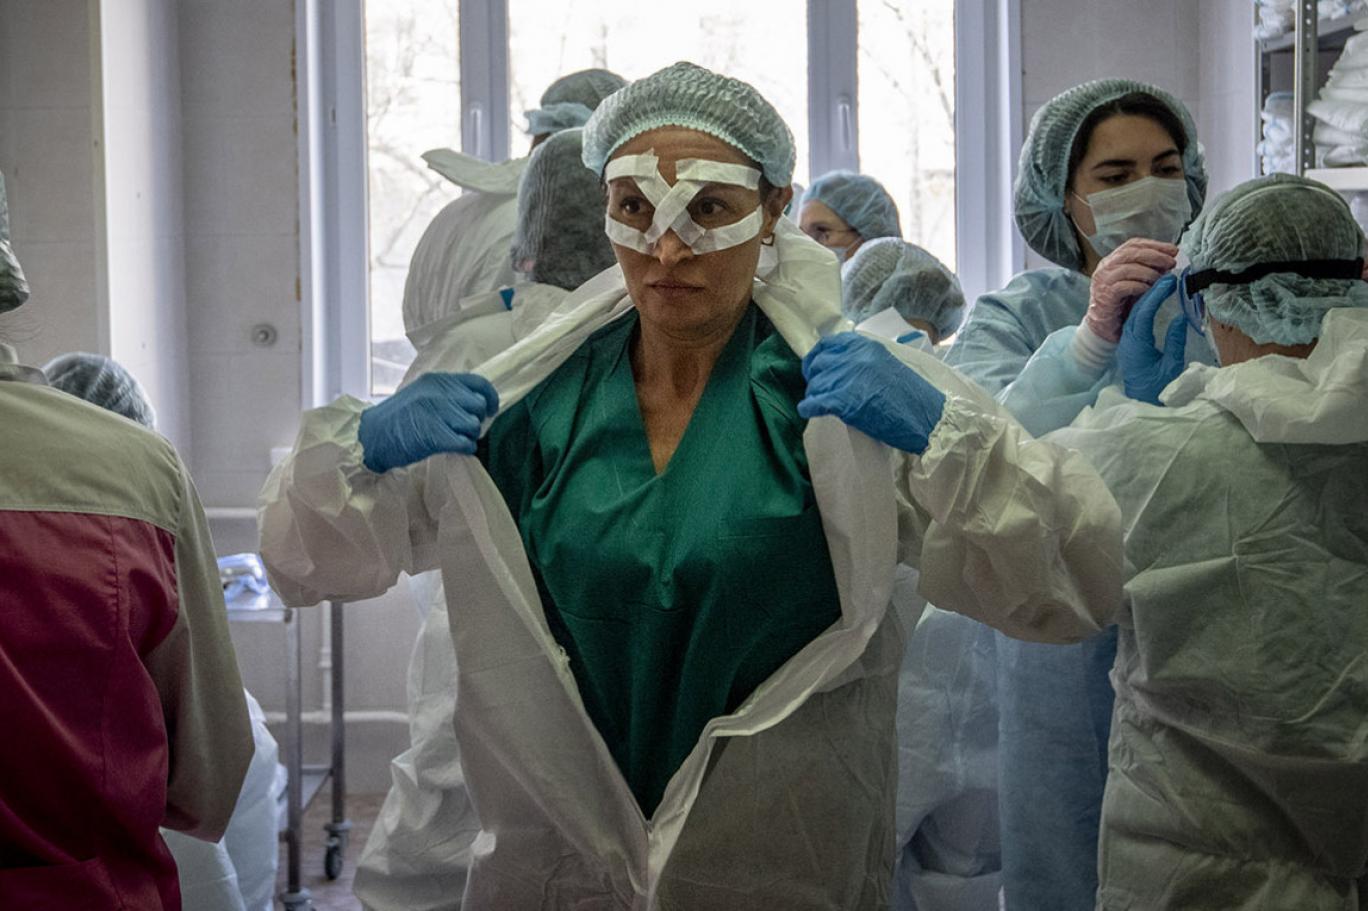 Rus doktorlar soruyor: Putin'in koronavirüs primleri nereye gitti? |  Independent Türkçe